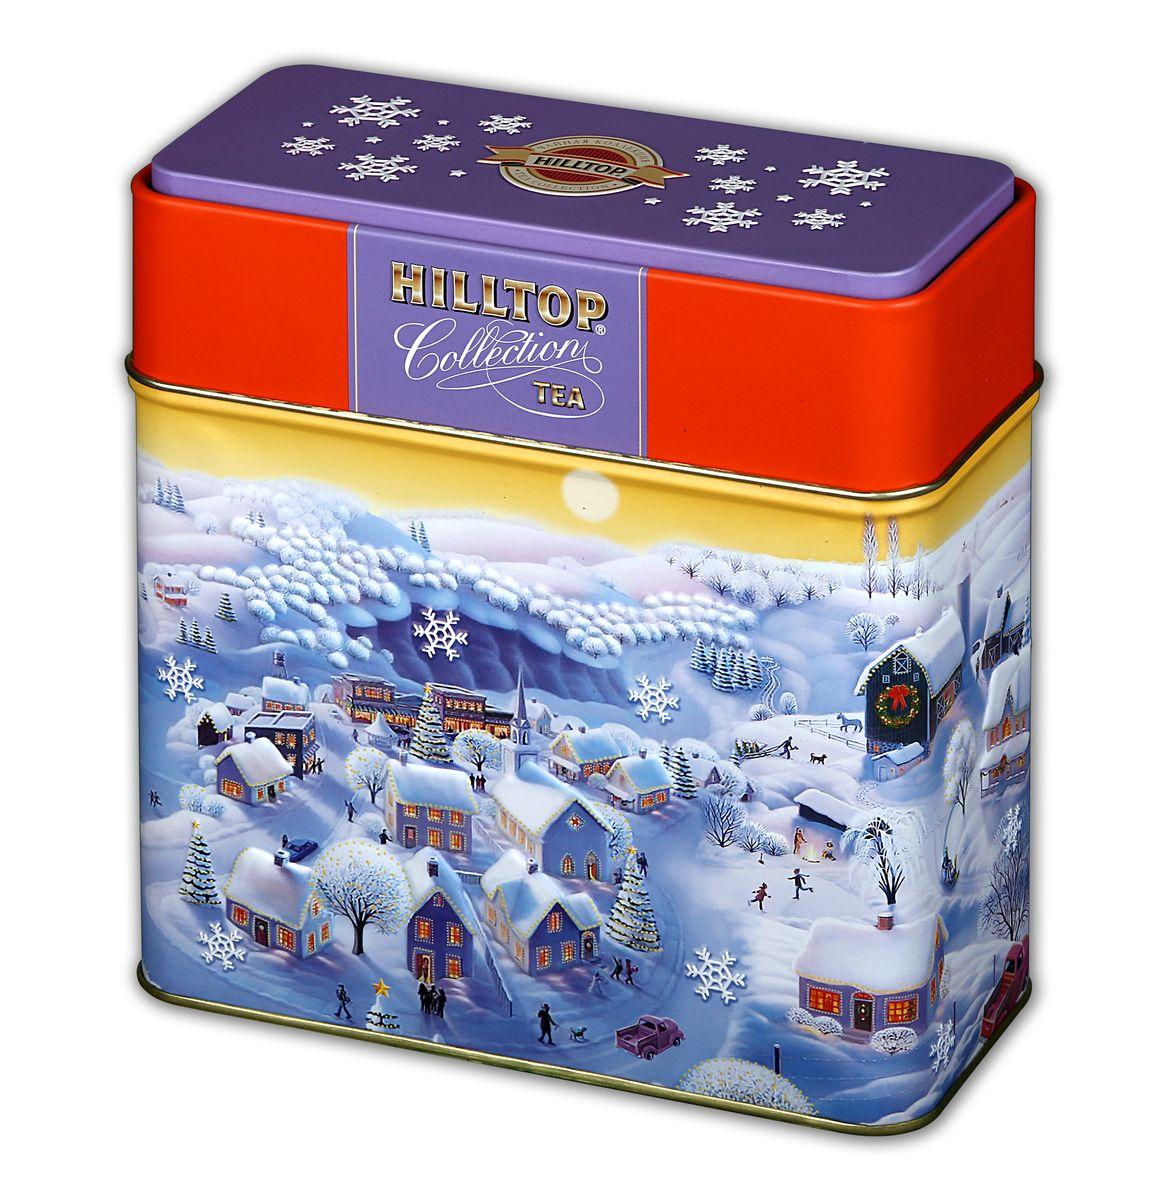 Hilltop Сказочные домики черный листовой чай, 200 г0120710Hilltop Сказочные домики- особо крупнолистовой цейлонский черный чай с насыщенным ароматом и терпким вкусом будет безупречным дополнением к новогоднему столу, а также отличным подарком для ваших близких! Яркая подарочная упаковка чая на новогоднем чаепитии безусловно порадует ваших гостей!